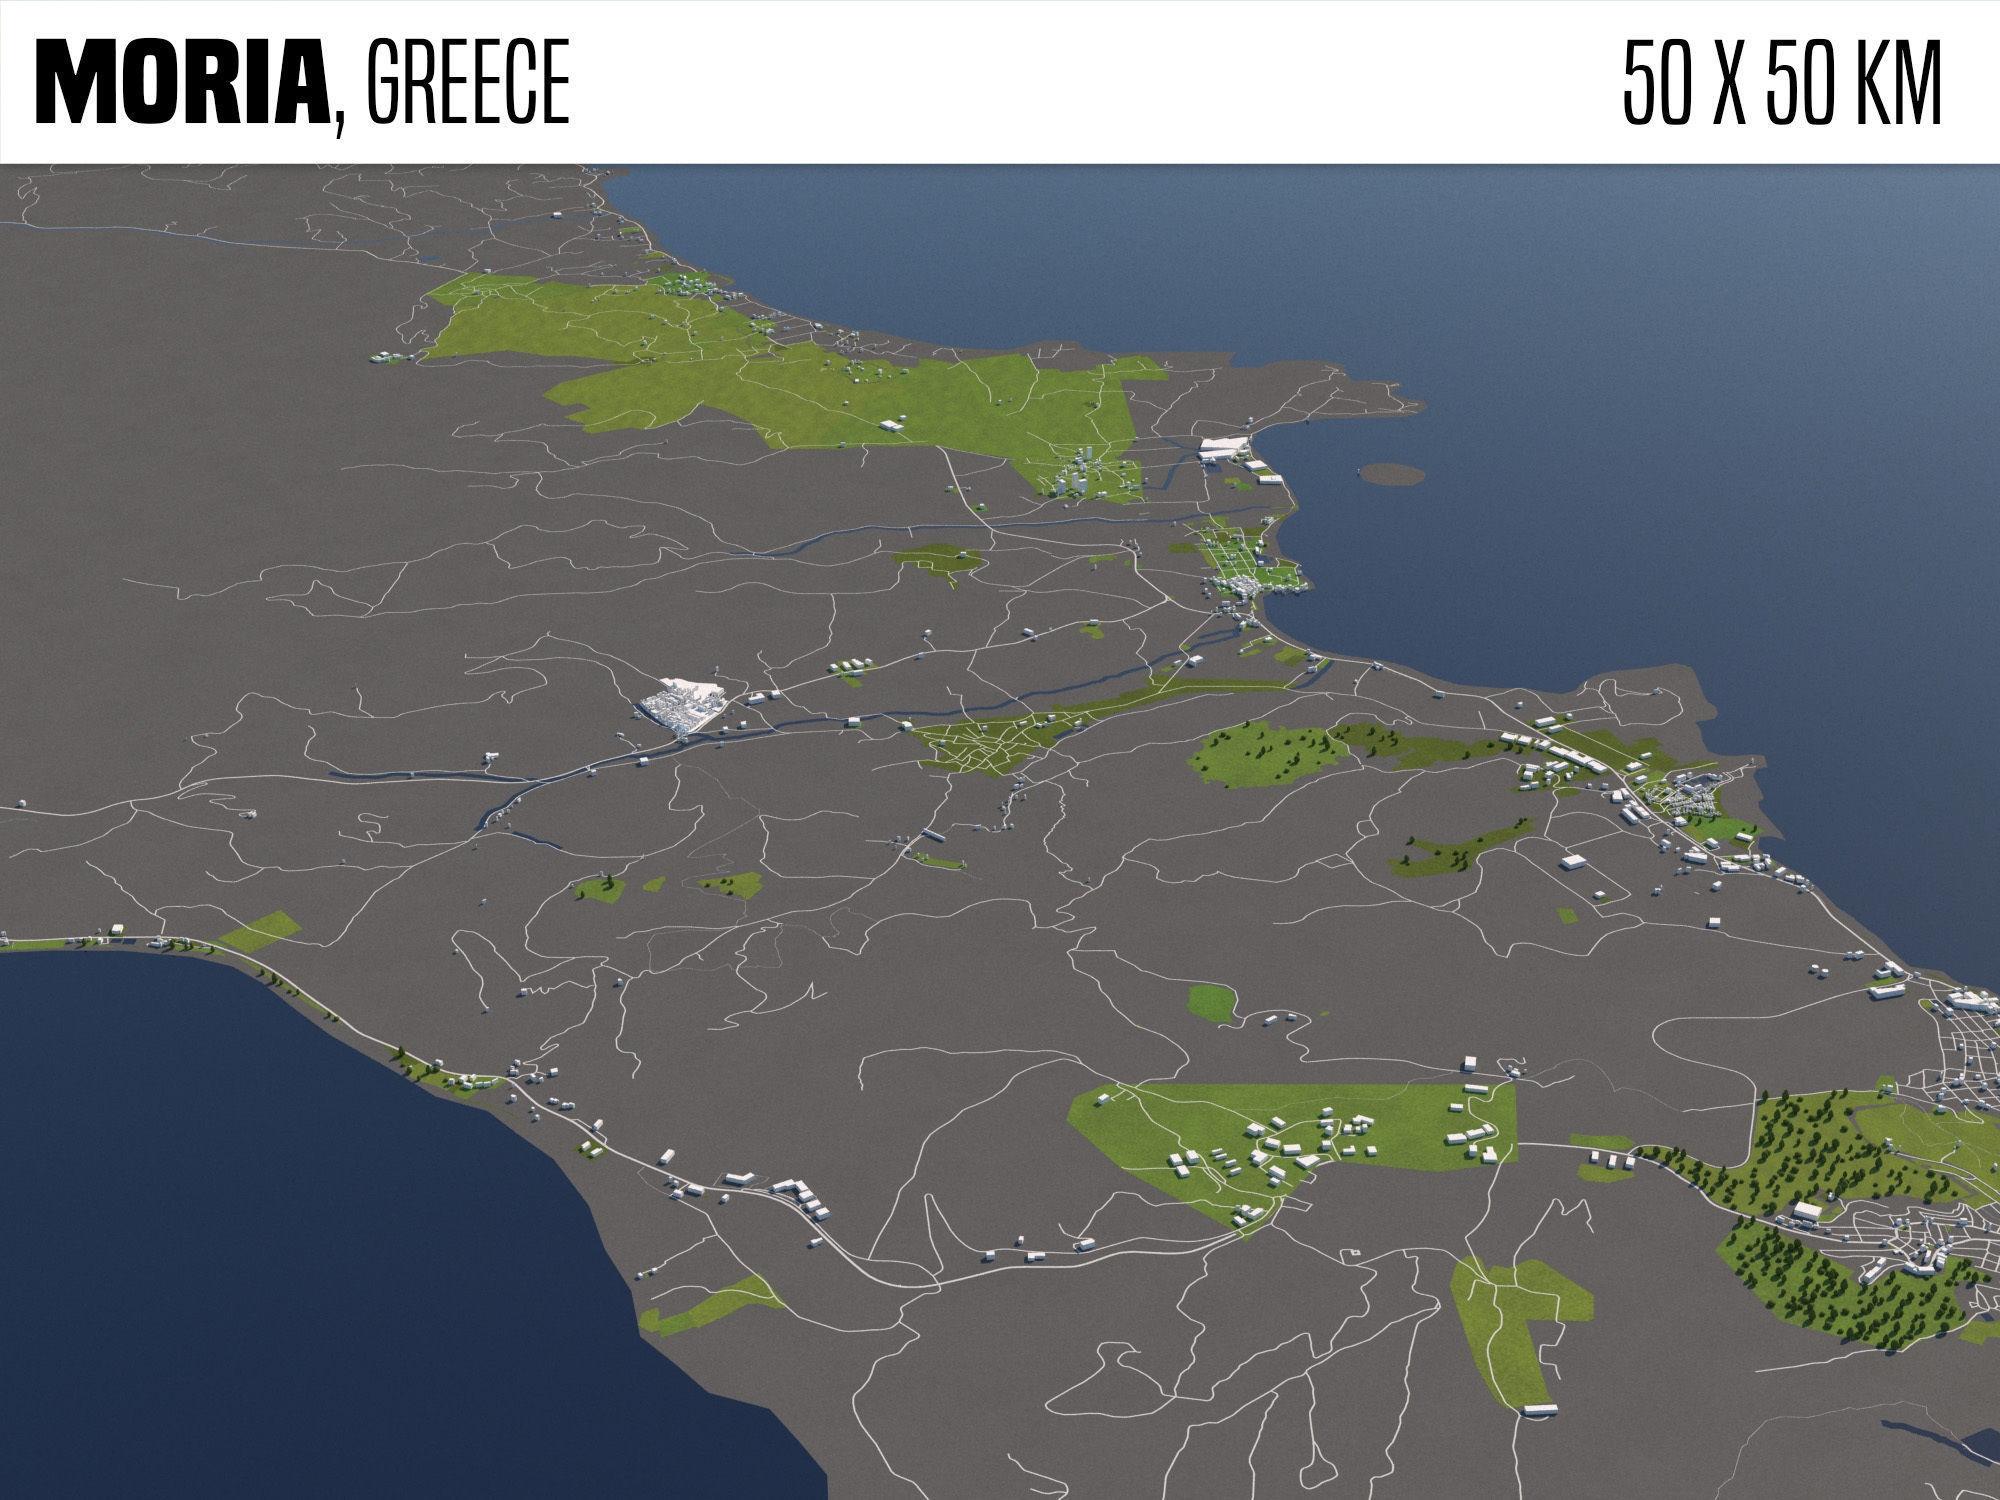 Moria Greece 50x50km